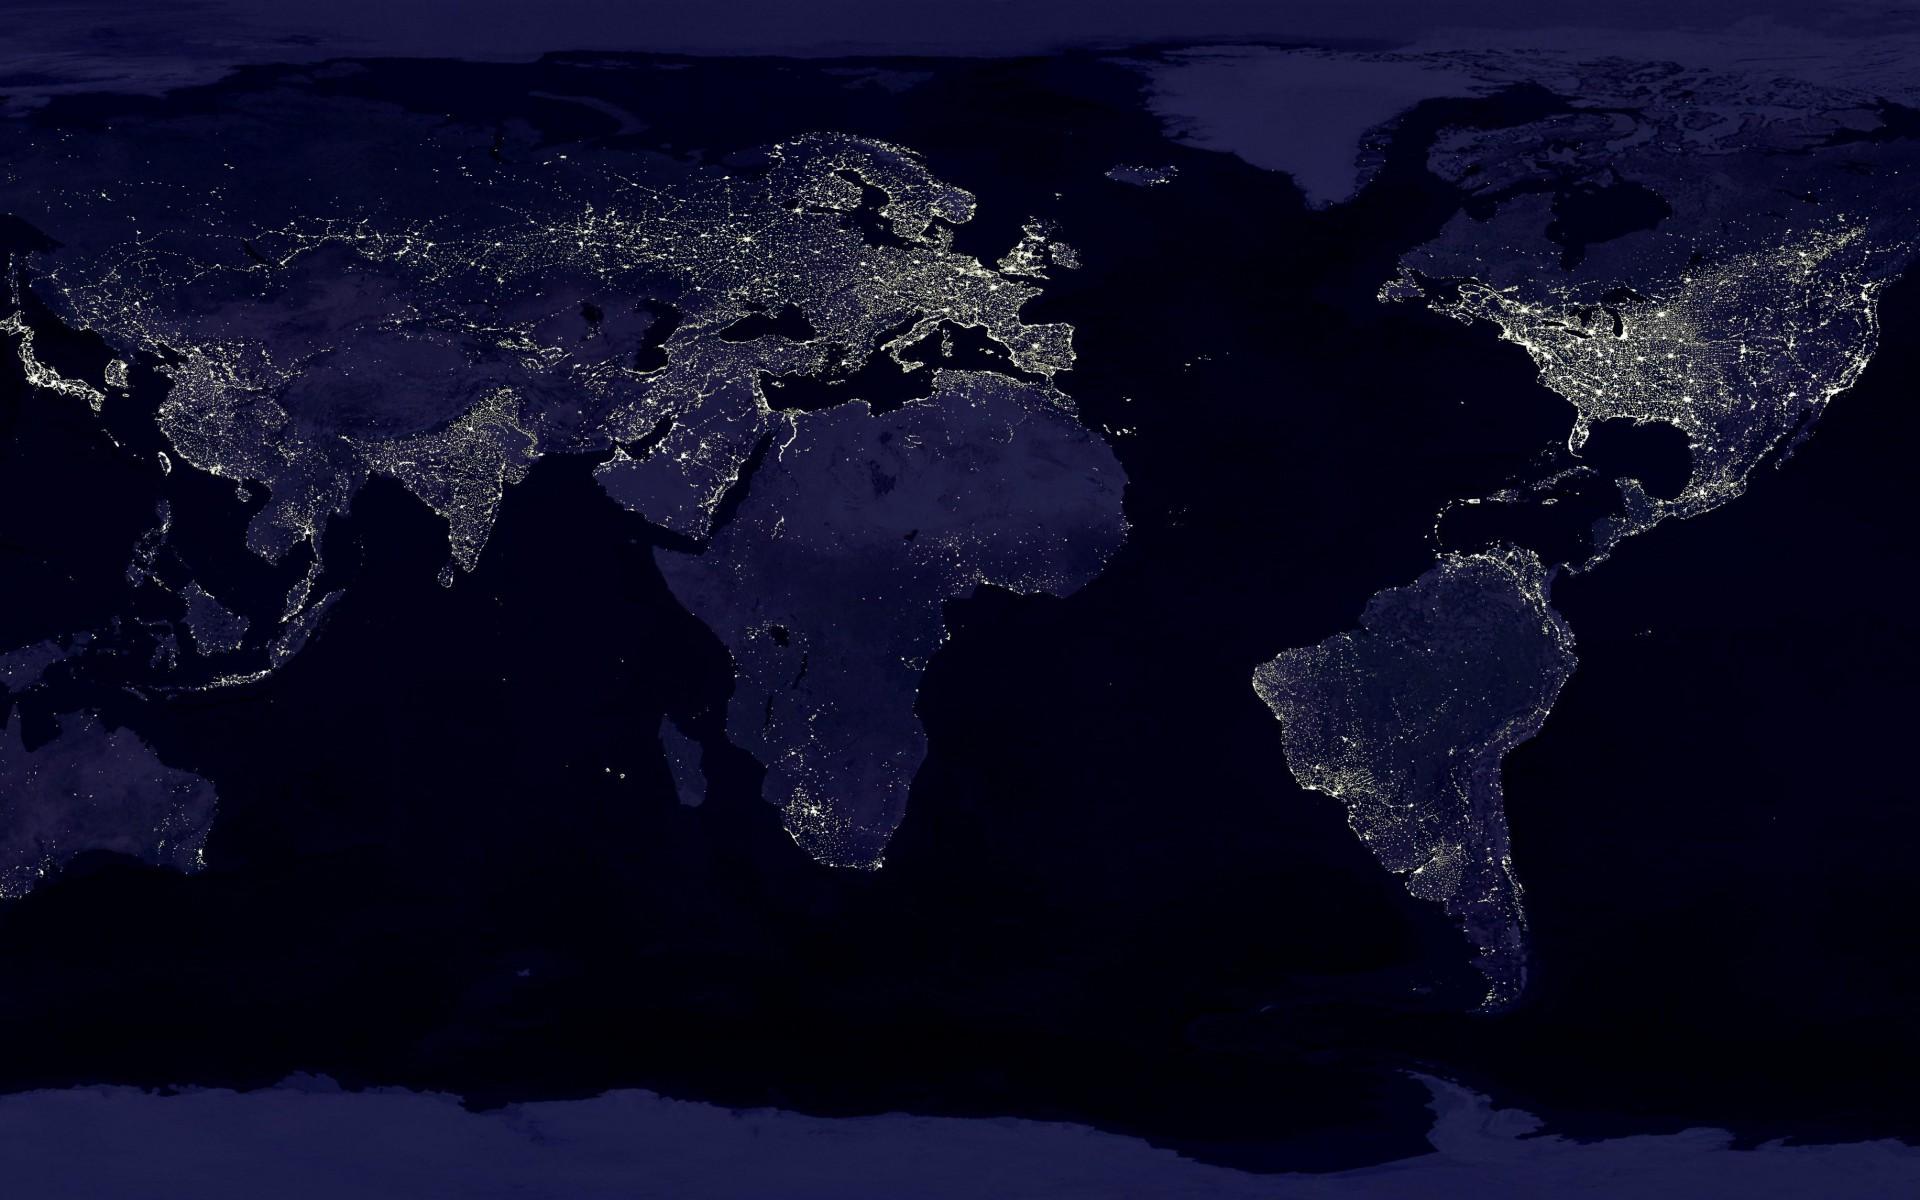 Earth at Night Wallpaper WallpaperSafari